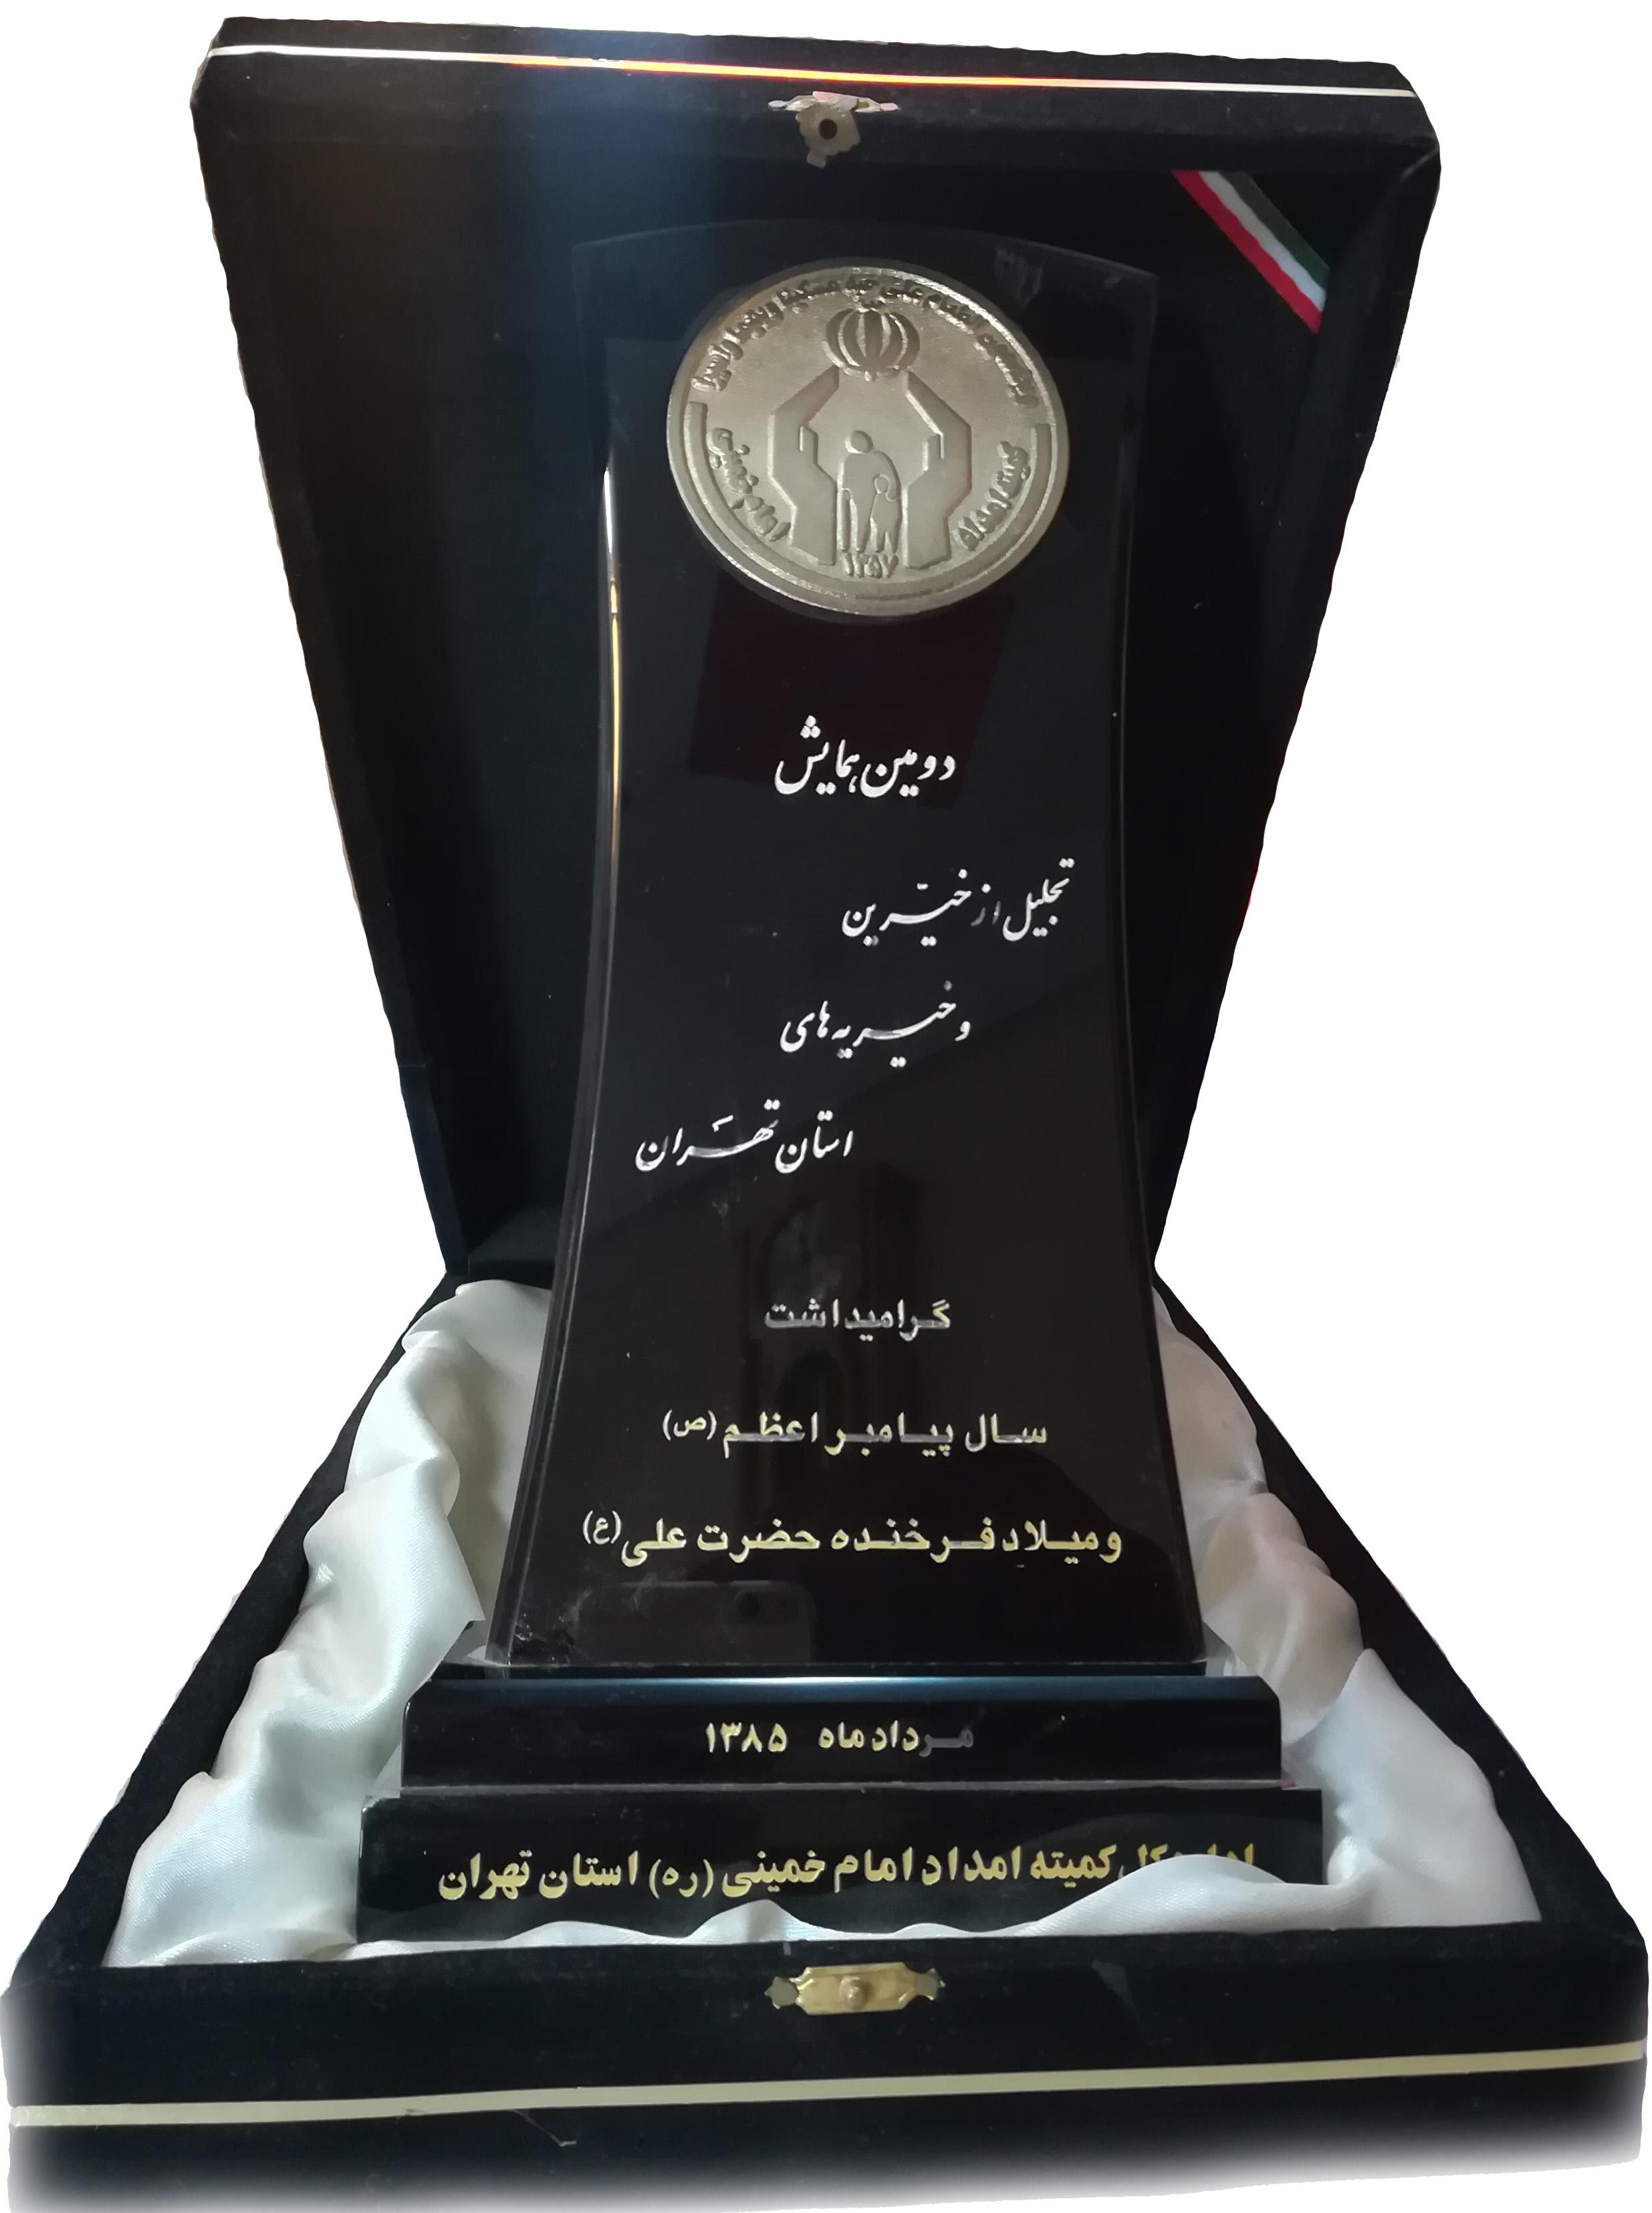 تندیس کمیته امداد امام خمینی (ره)